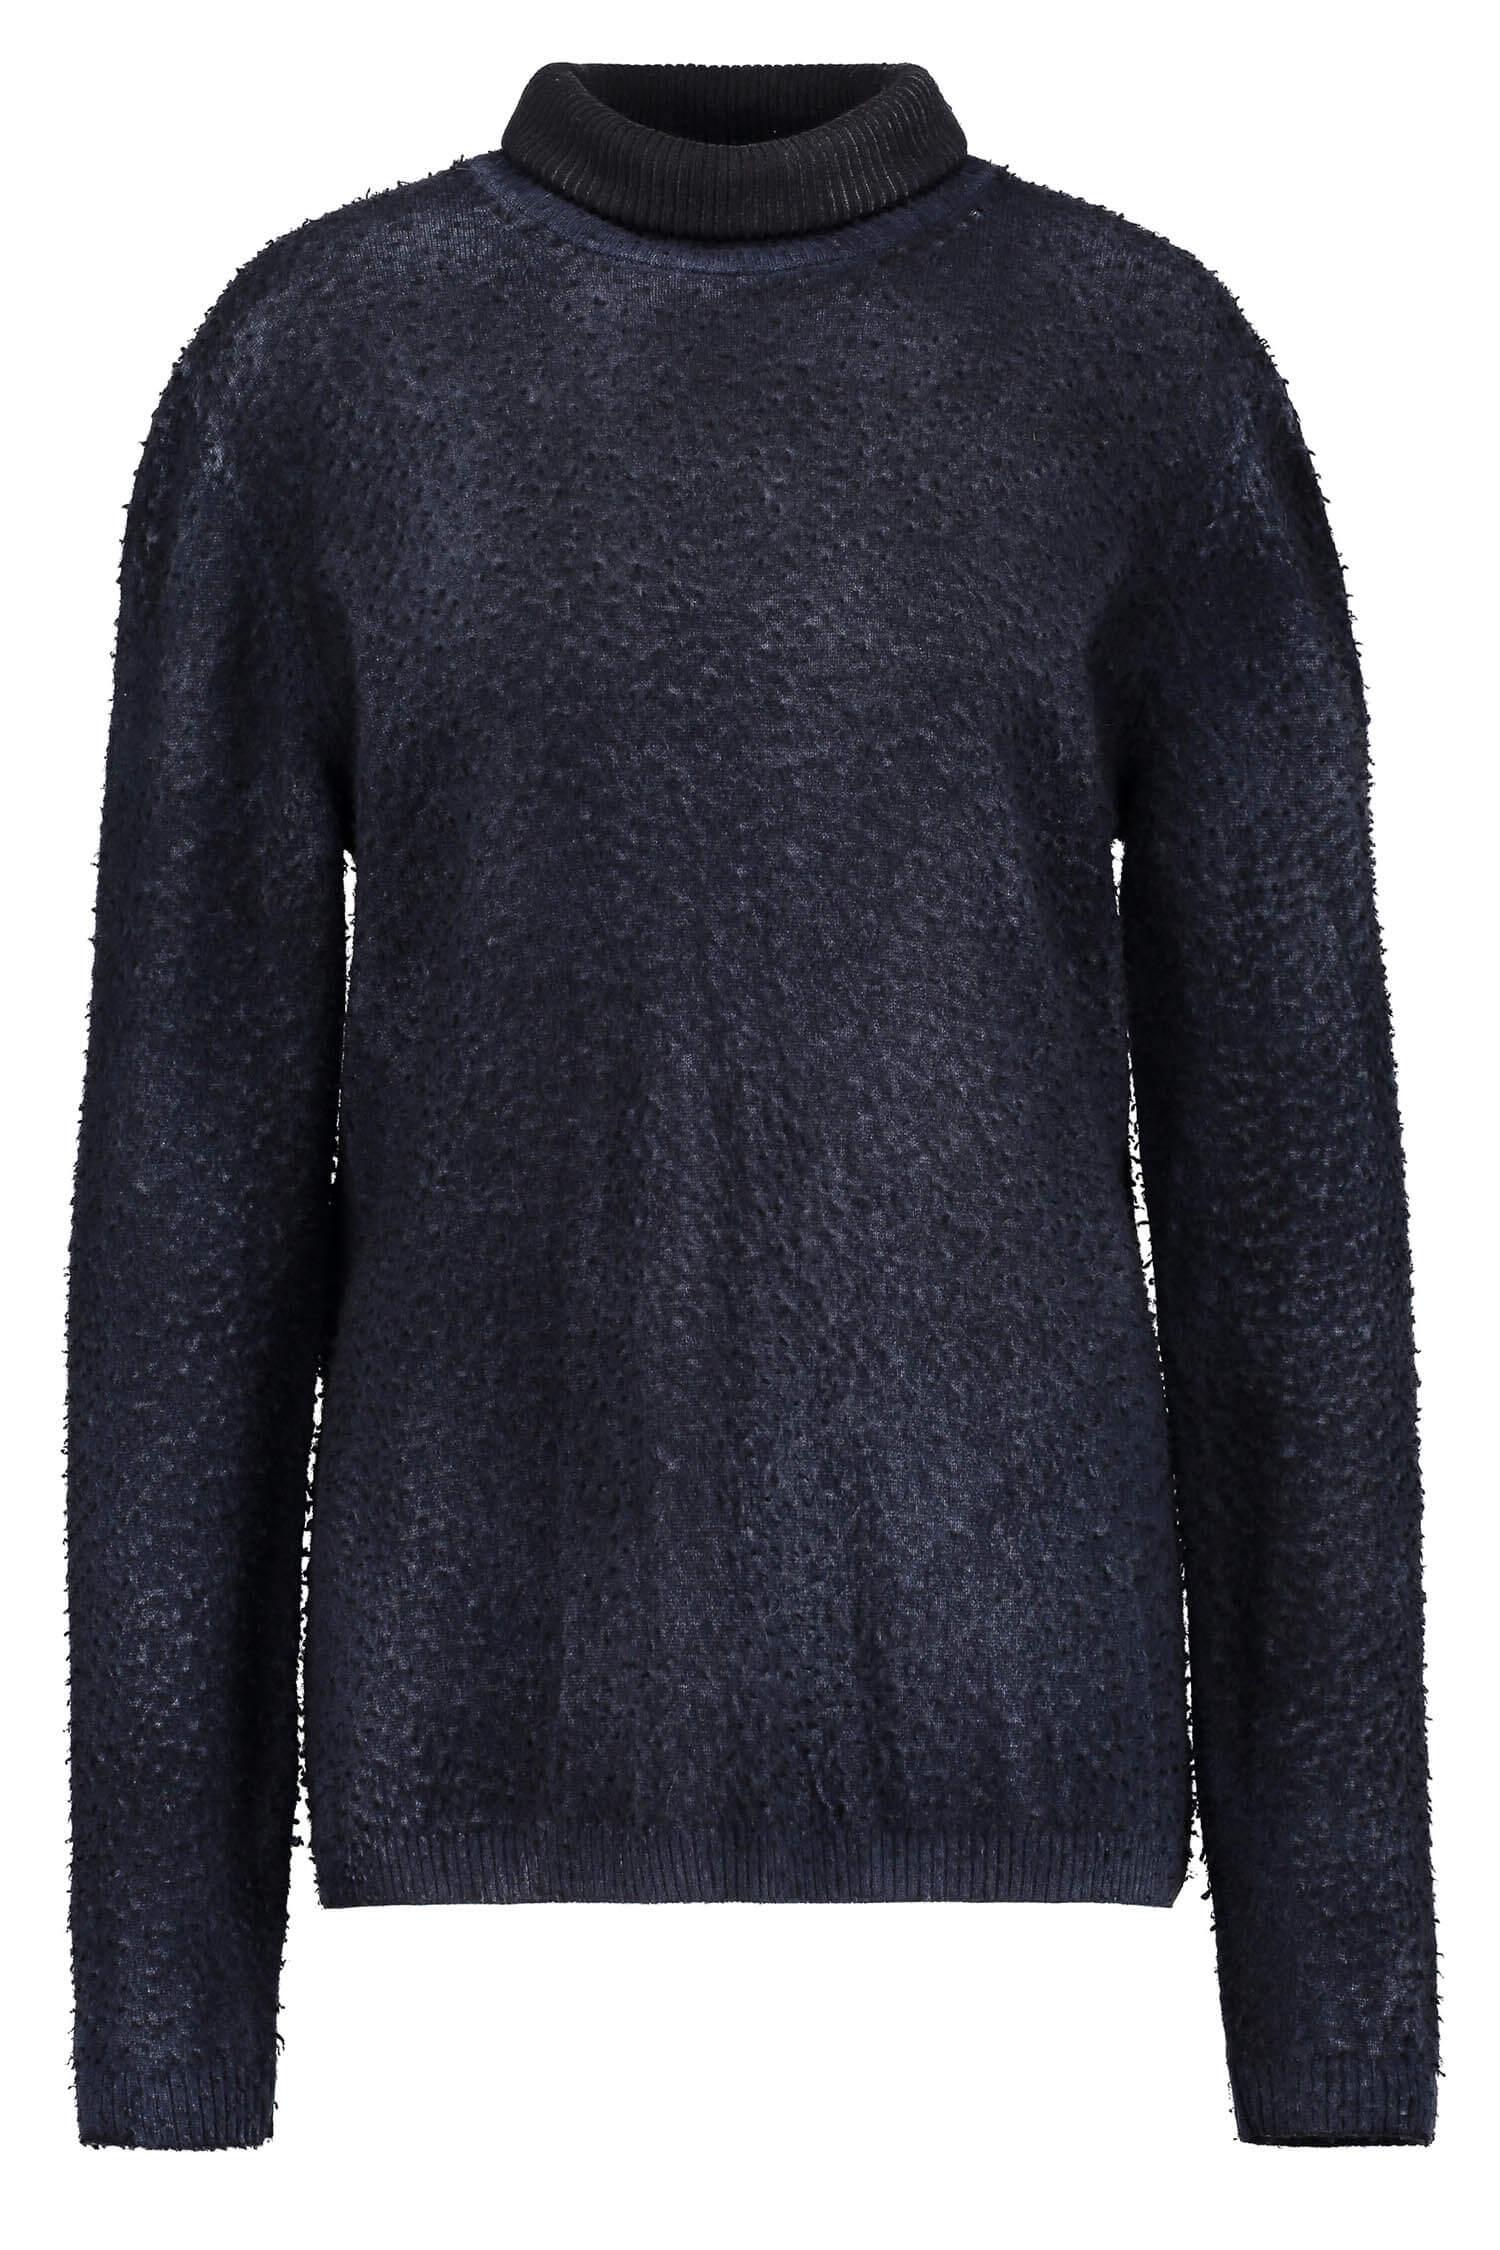 nouveau style b1448 794ac Pull col roulé homme laine et cachemire